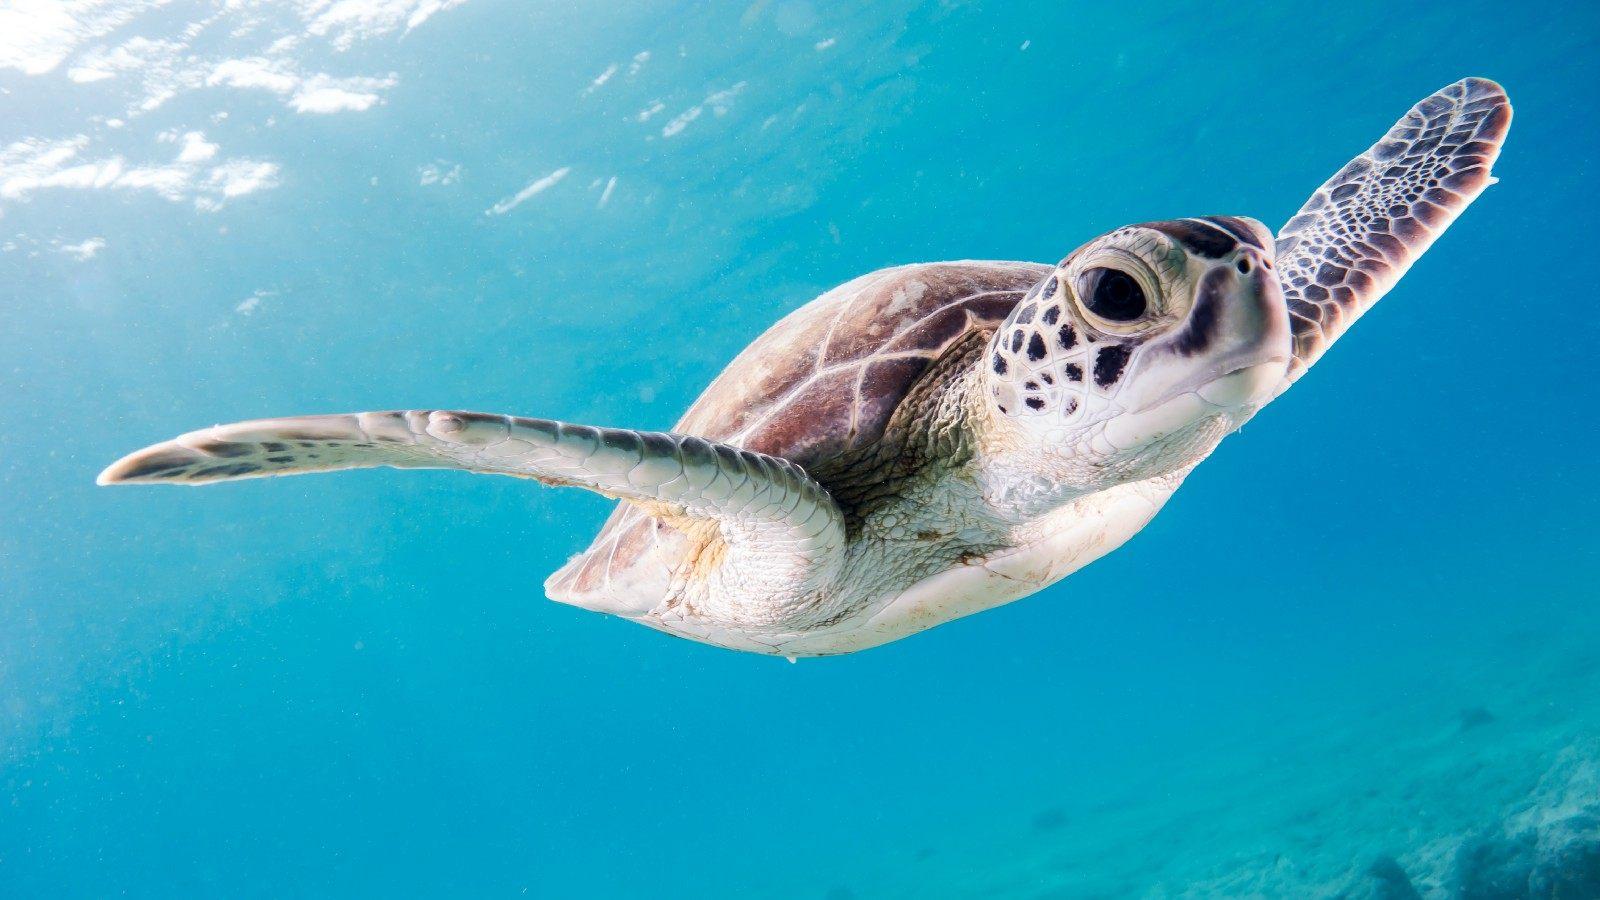 Rüyada Dev Kaplumbağa Görmek ve Sevmek